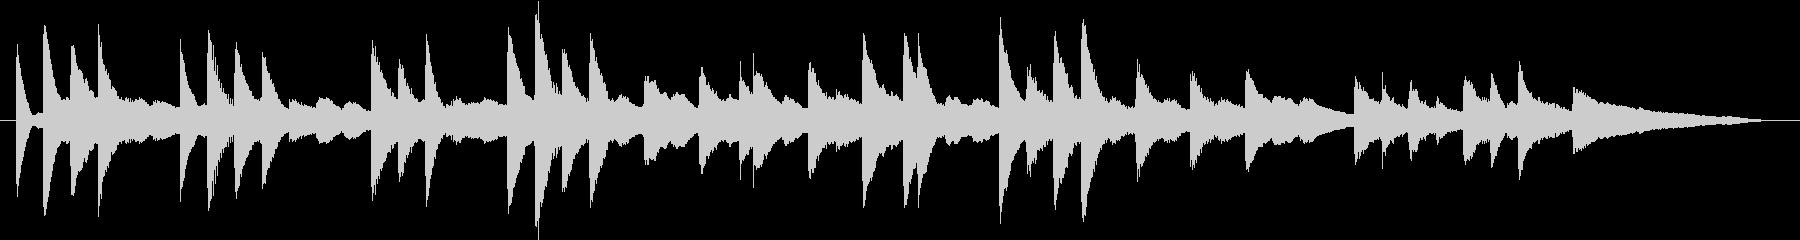 モミの木モチーフXmasピアノジングルEの未再生の波形